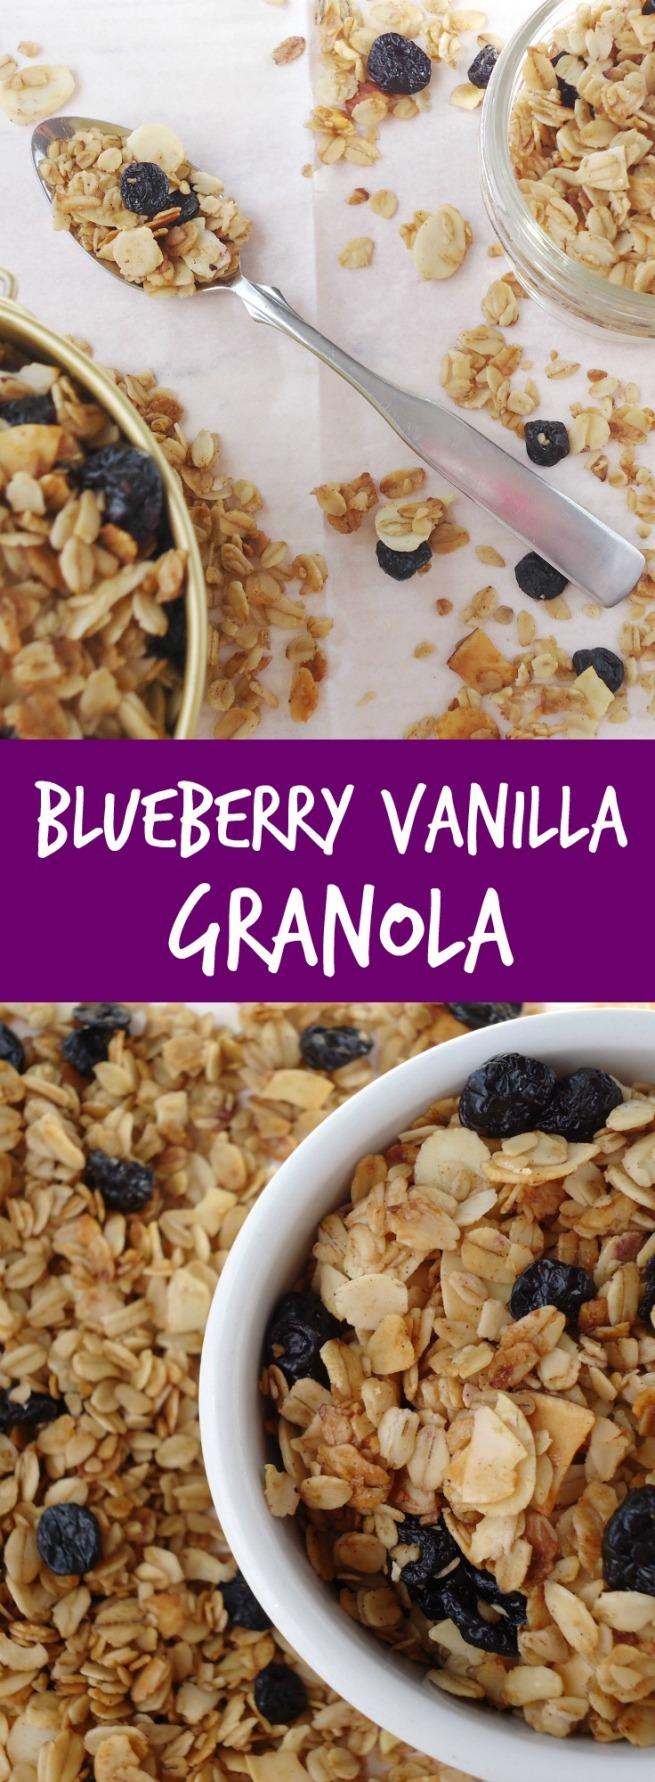 Blueberry Vanilla Granola  Unwed Housewife